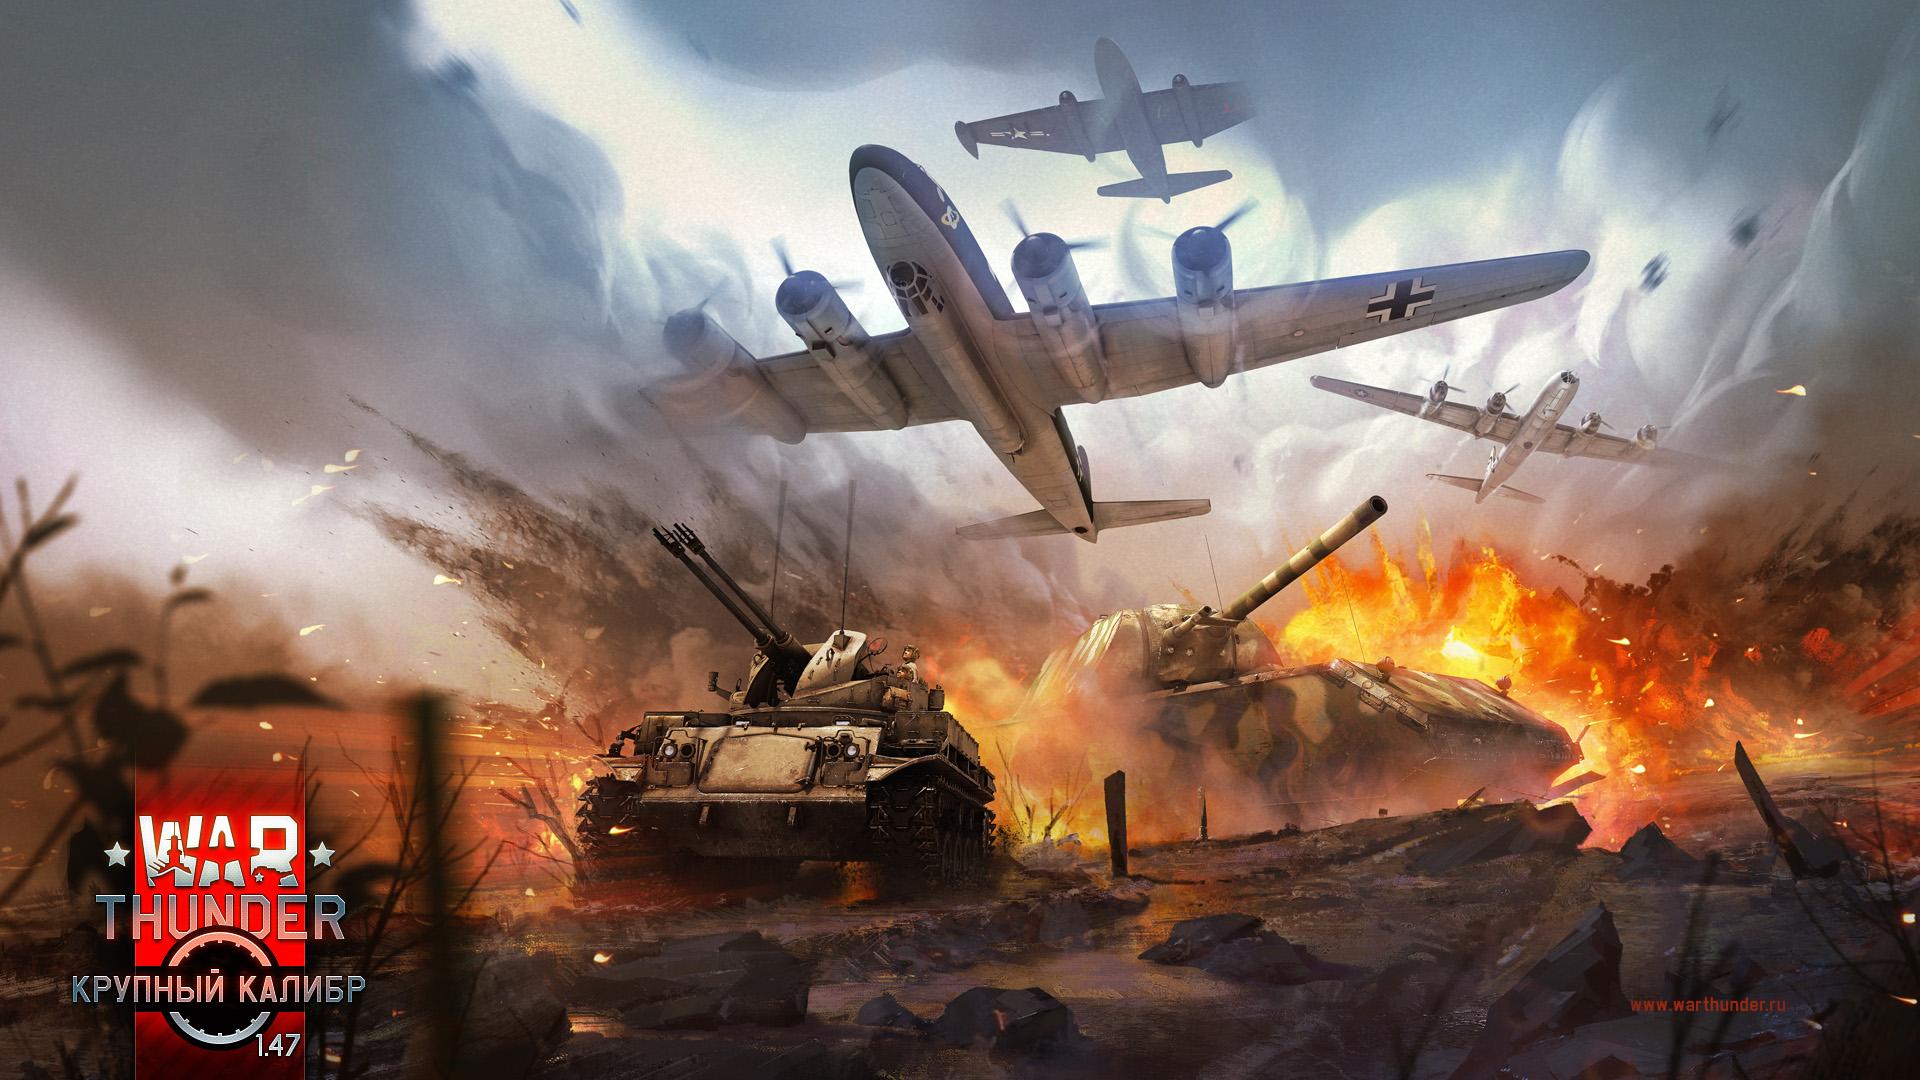 скачать танковый полигон вар тандер